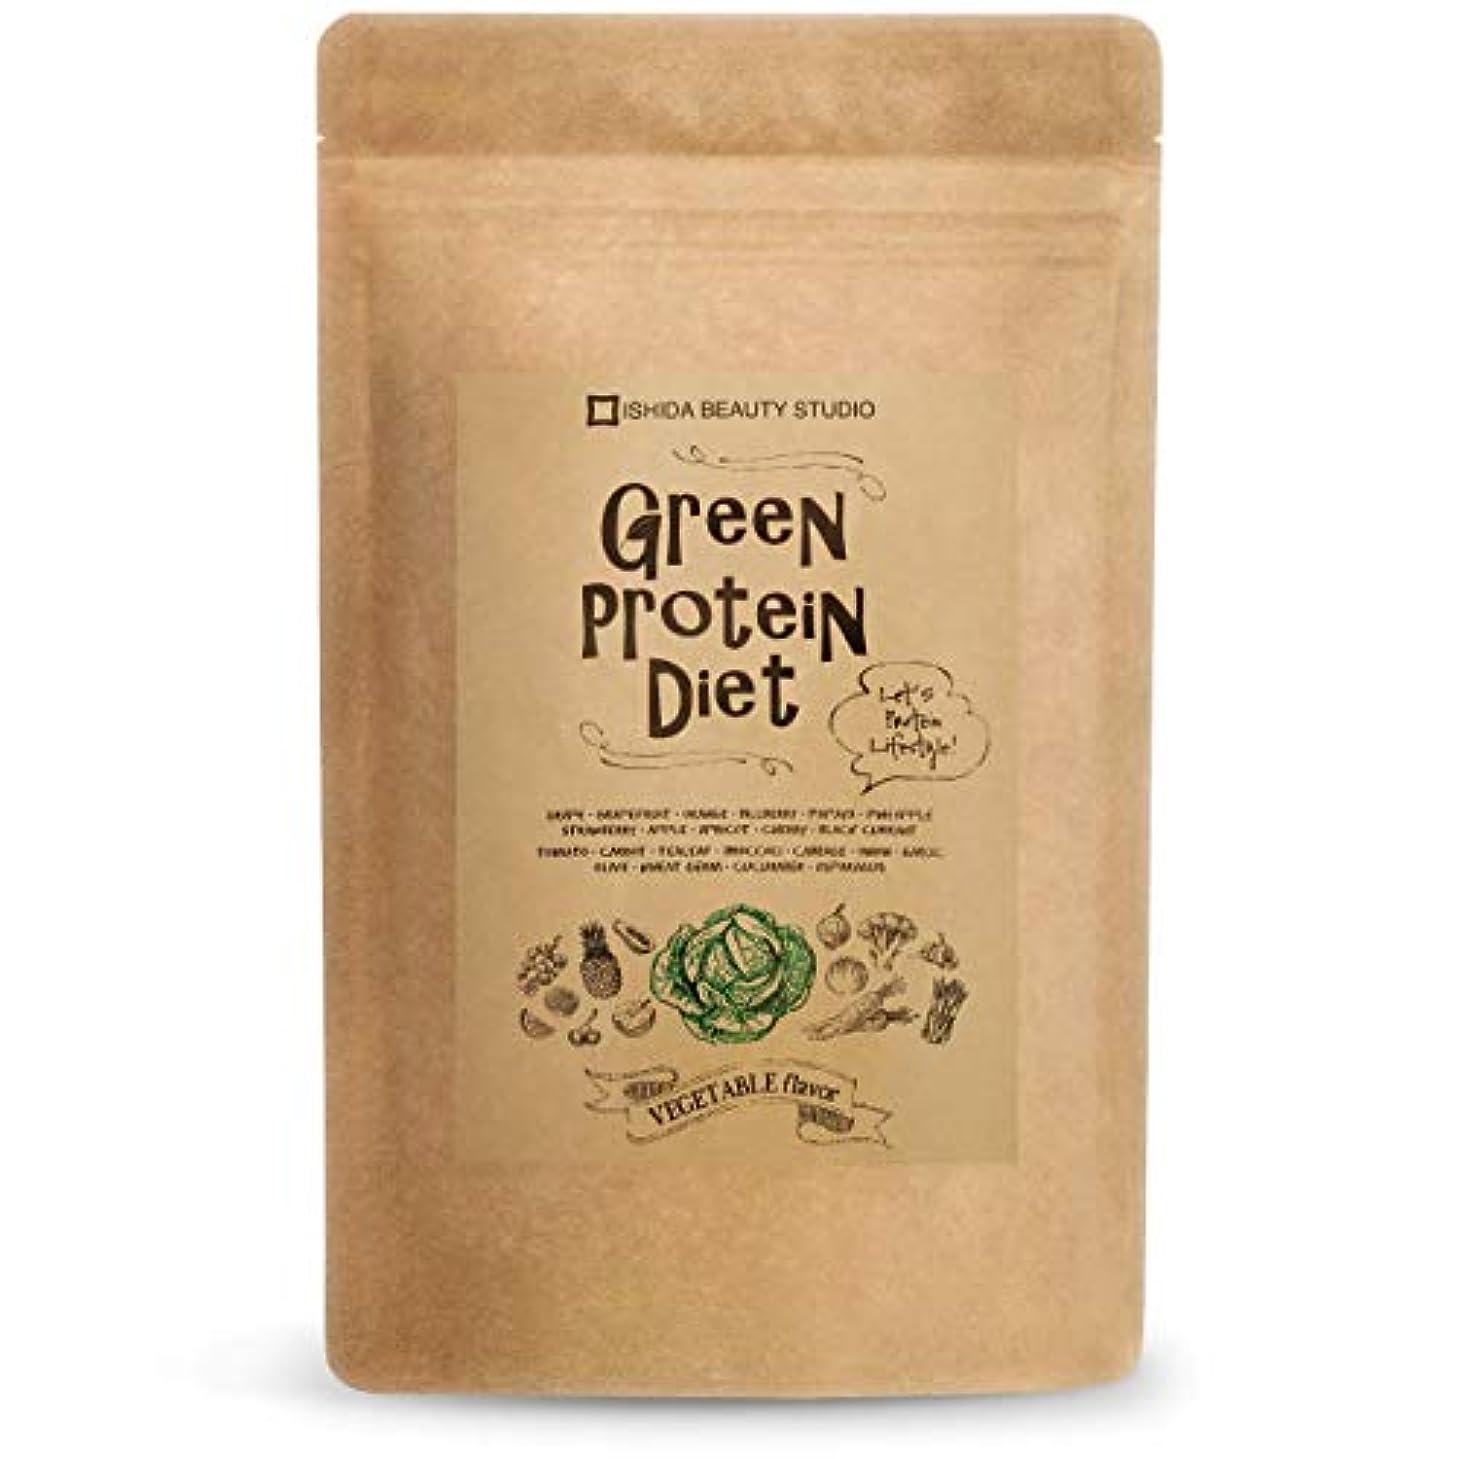 安心襲撃歩くグリーン プロテイン ダイエット シェイク 置き換え スムージー 酵素青汁配合 (ベジタブル, 200)